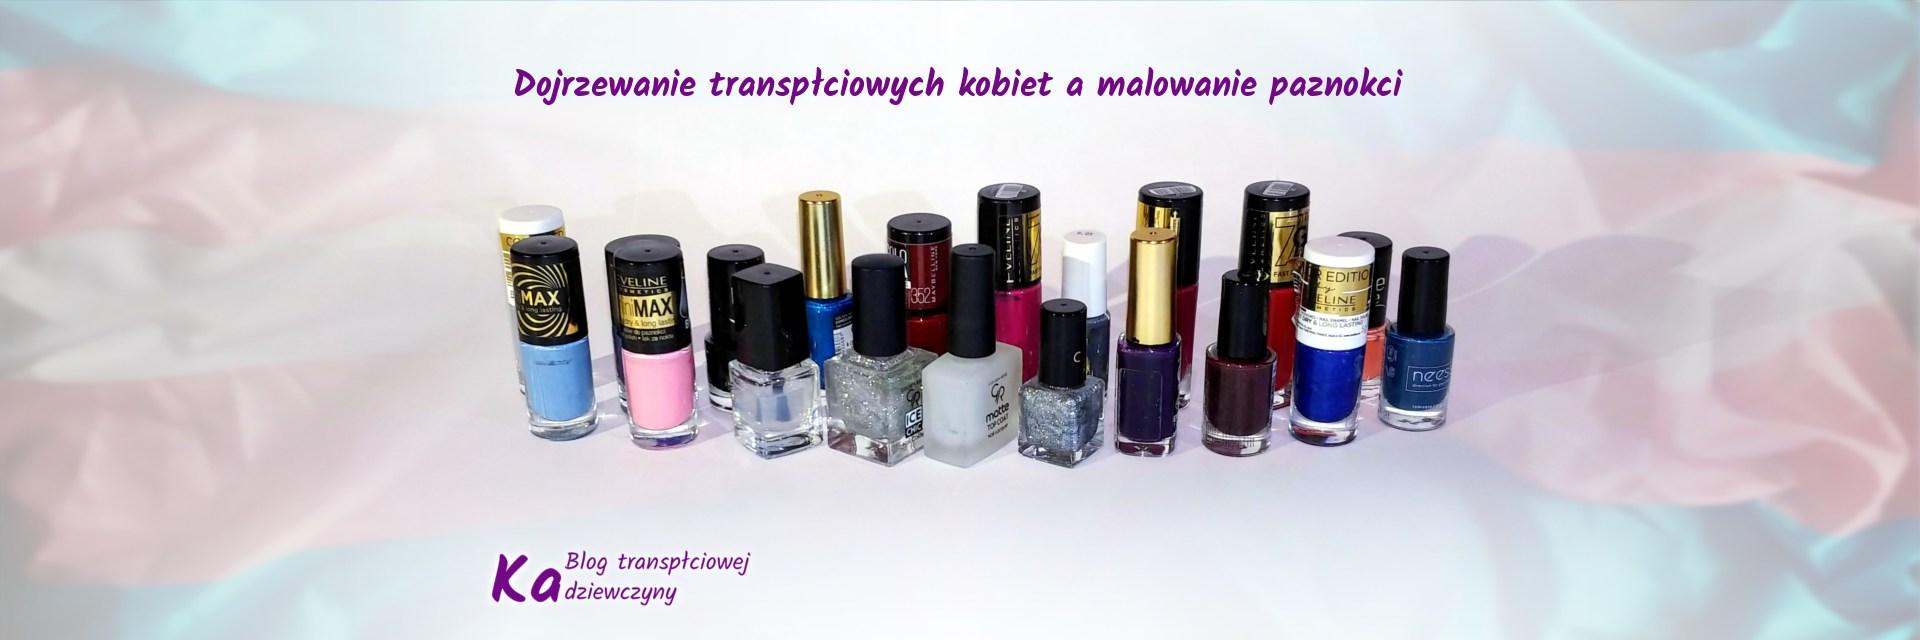 Dojrzewanie transpłciowych kobiet i malowanie paznokci